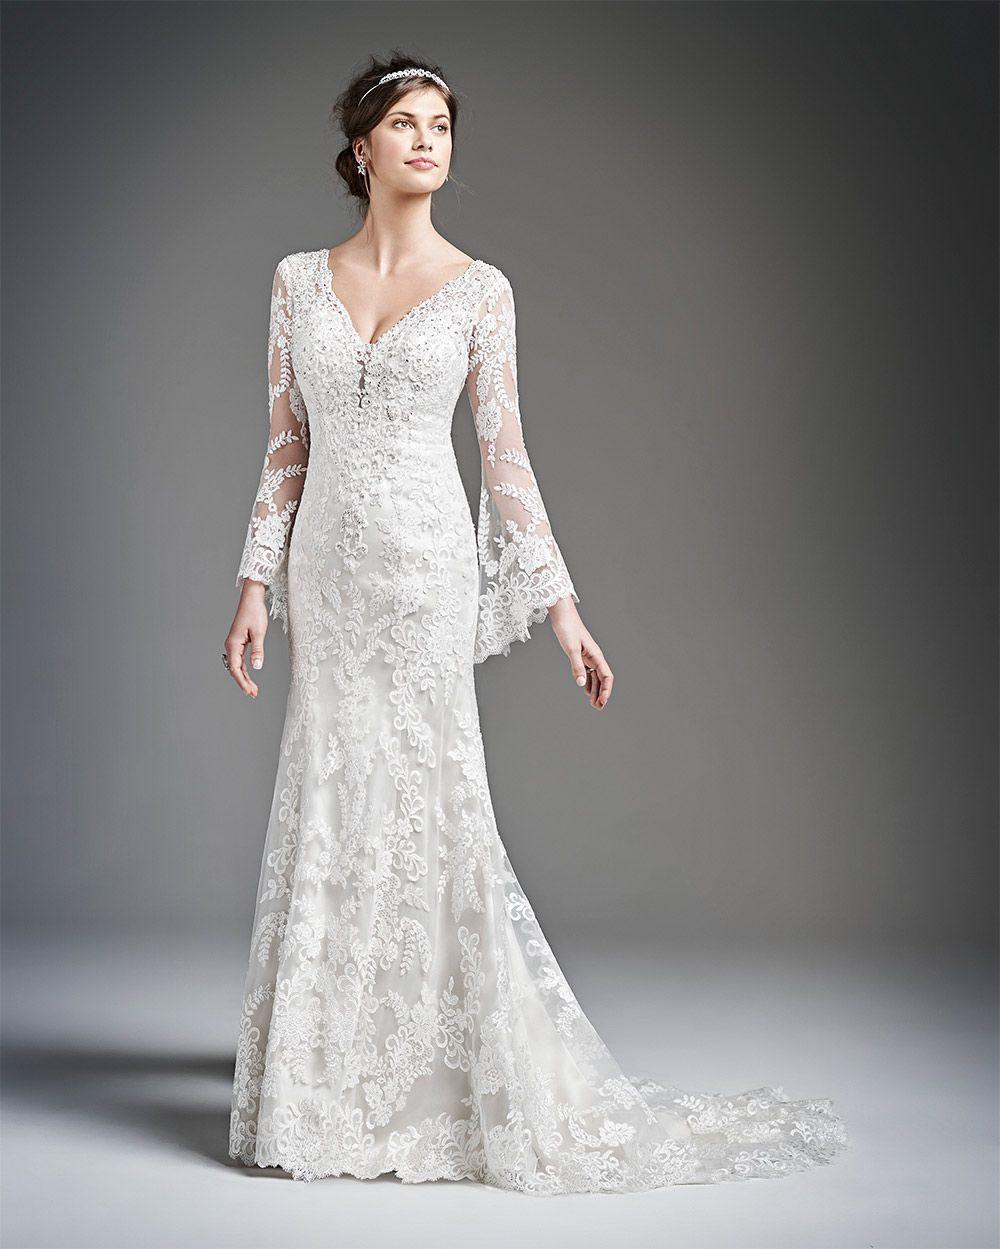 Parallax reccomend Mature bride fashions